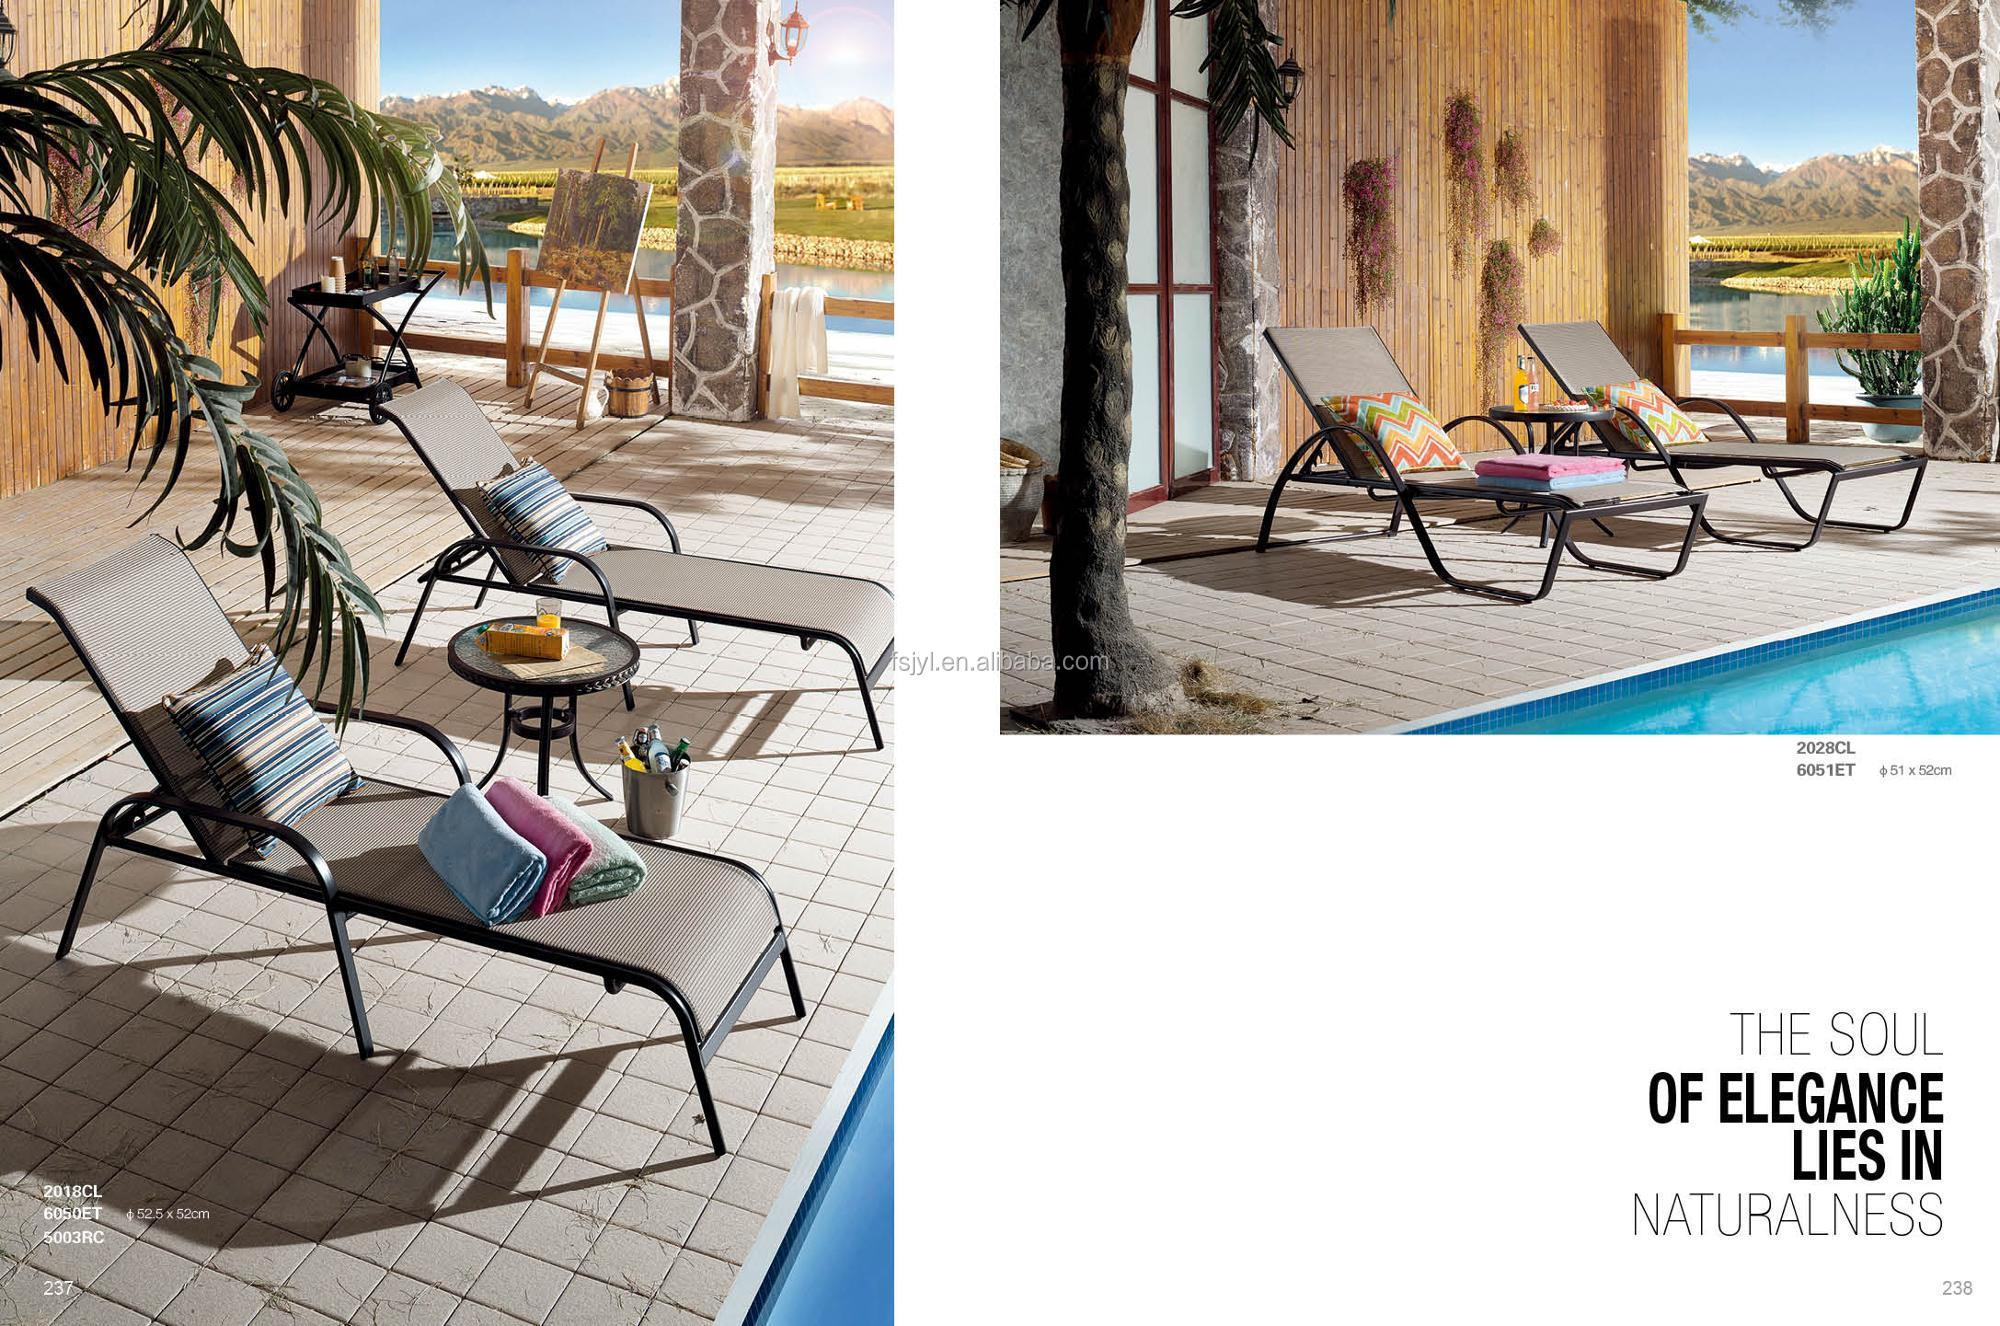 patio beach garden furniture outdoor recliner chair lounger